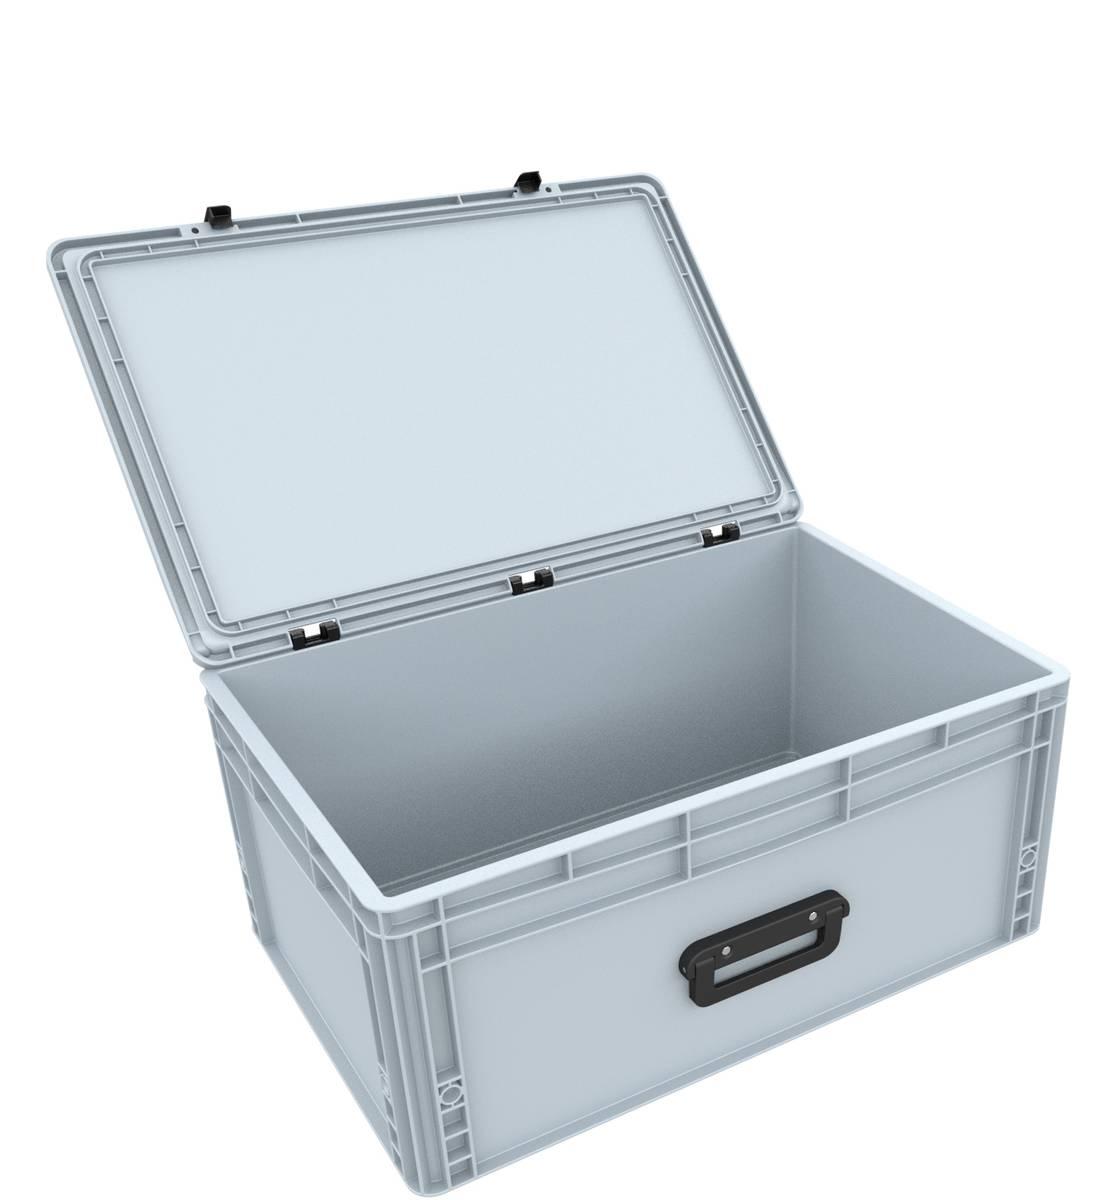 DSEB265G Eurobehälter Koffer mit Griff ED 64/27 1G